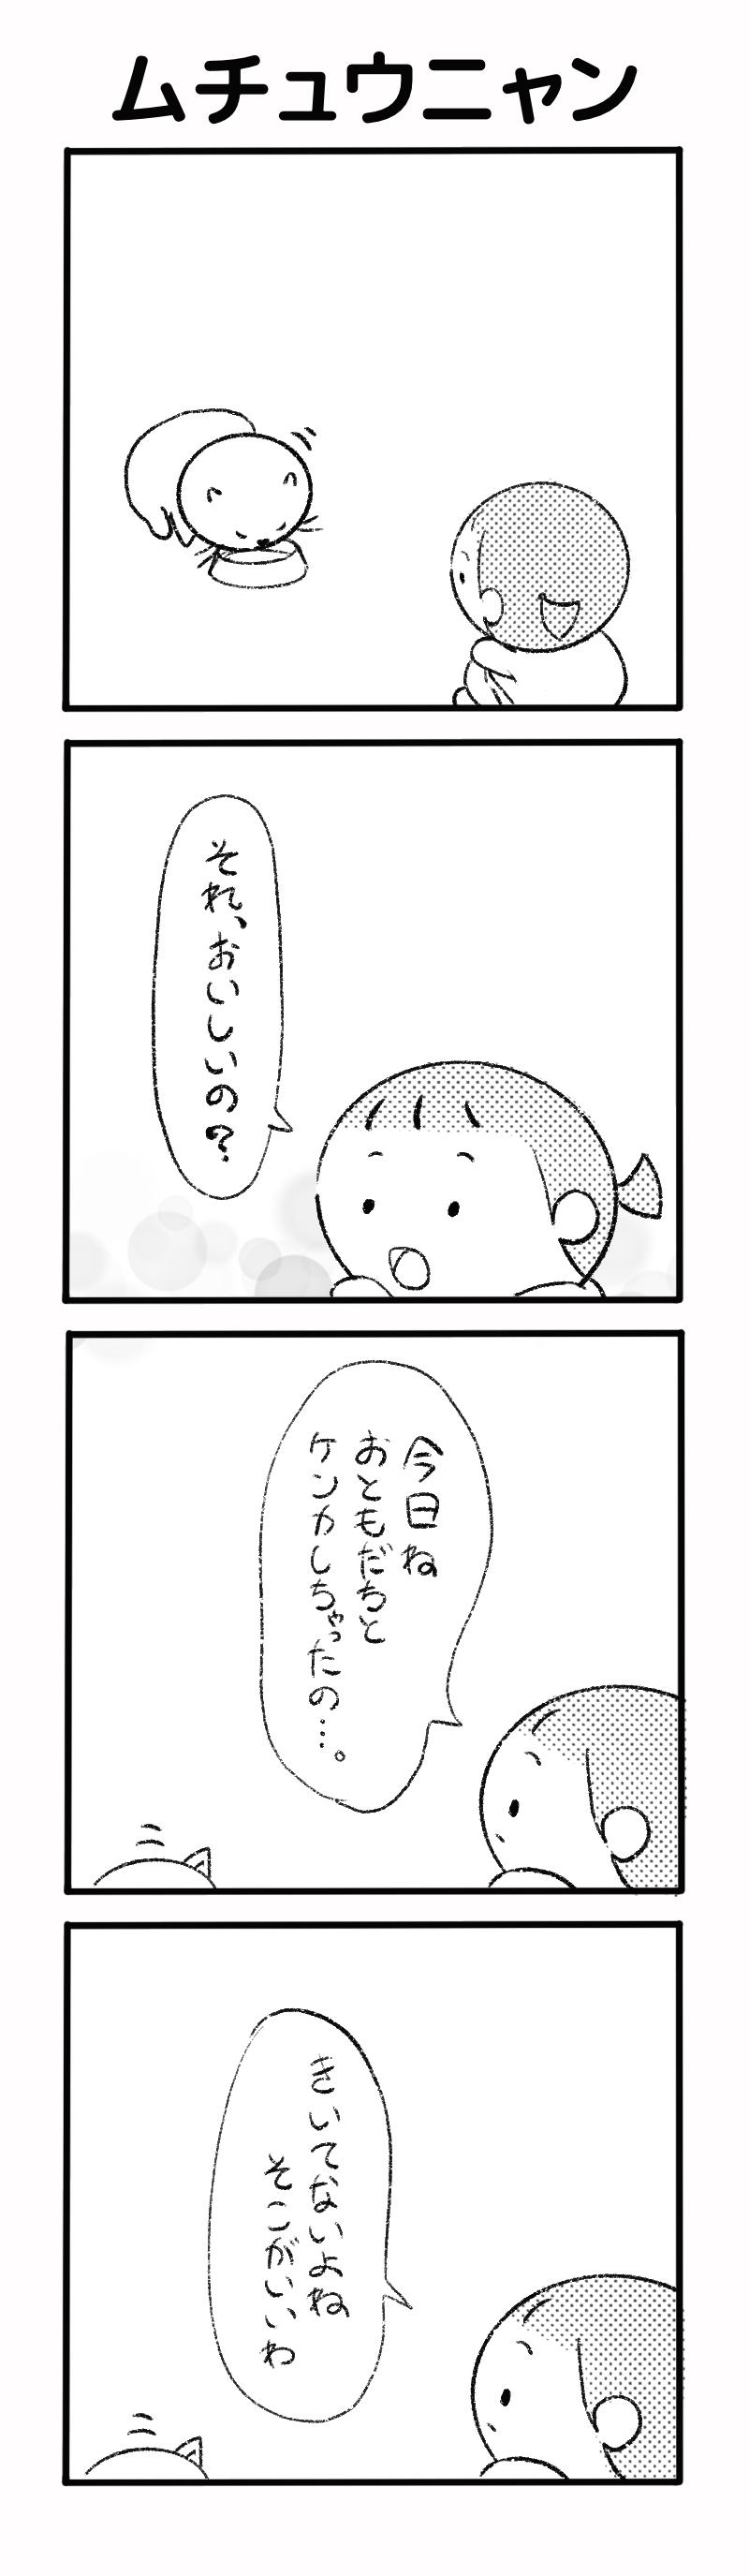 05image